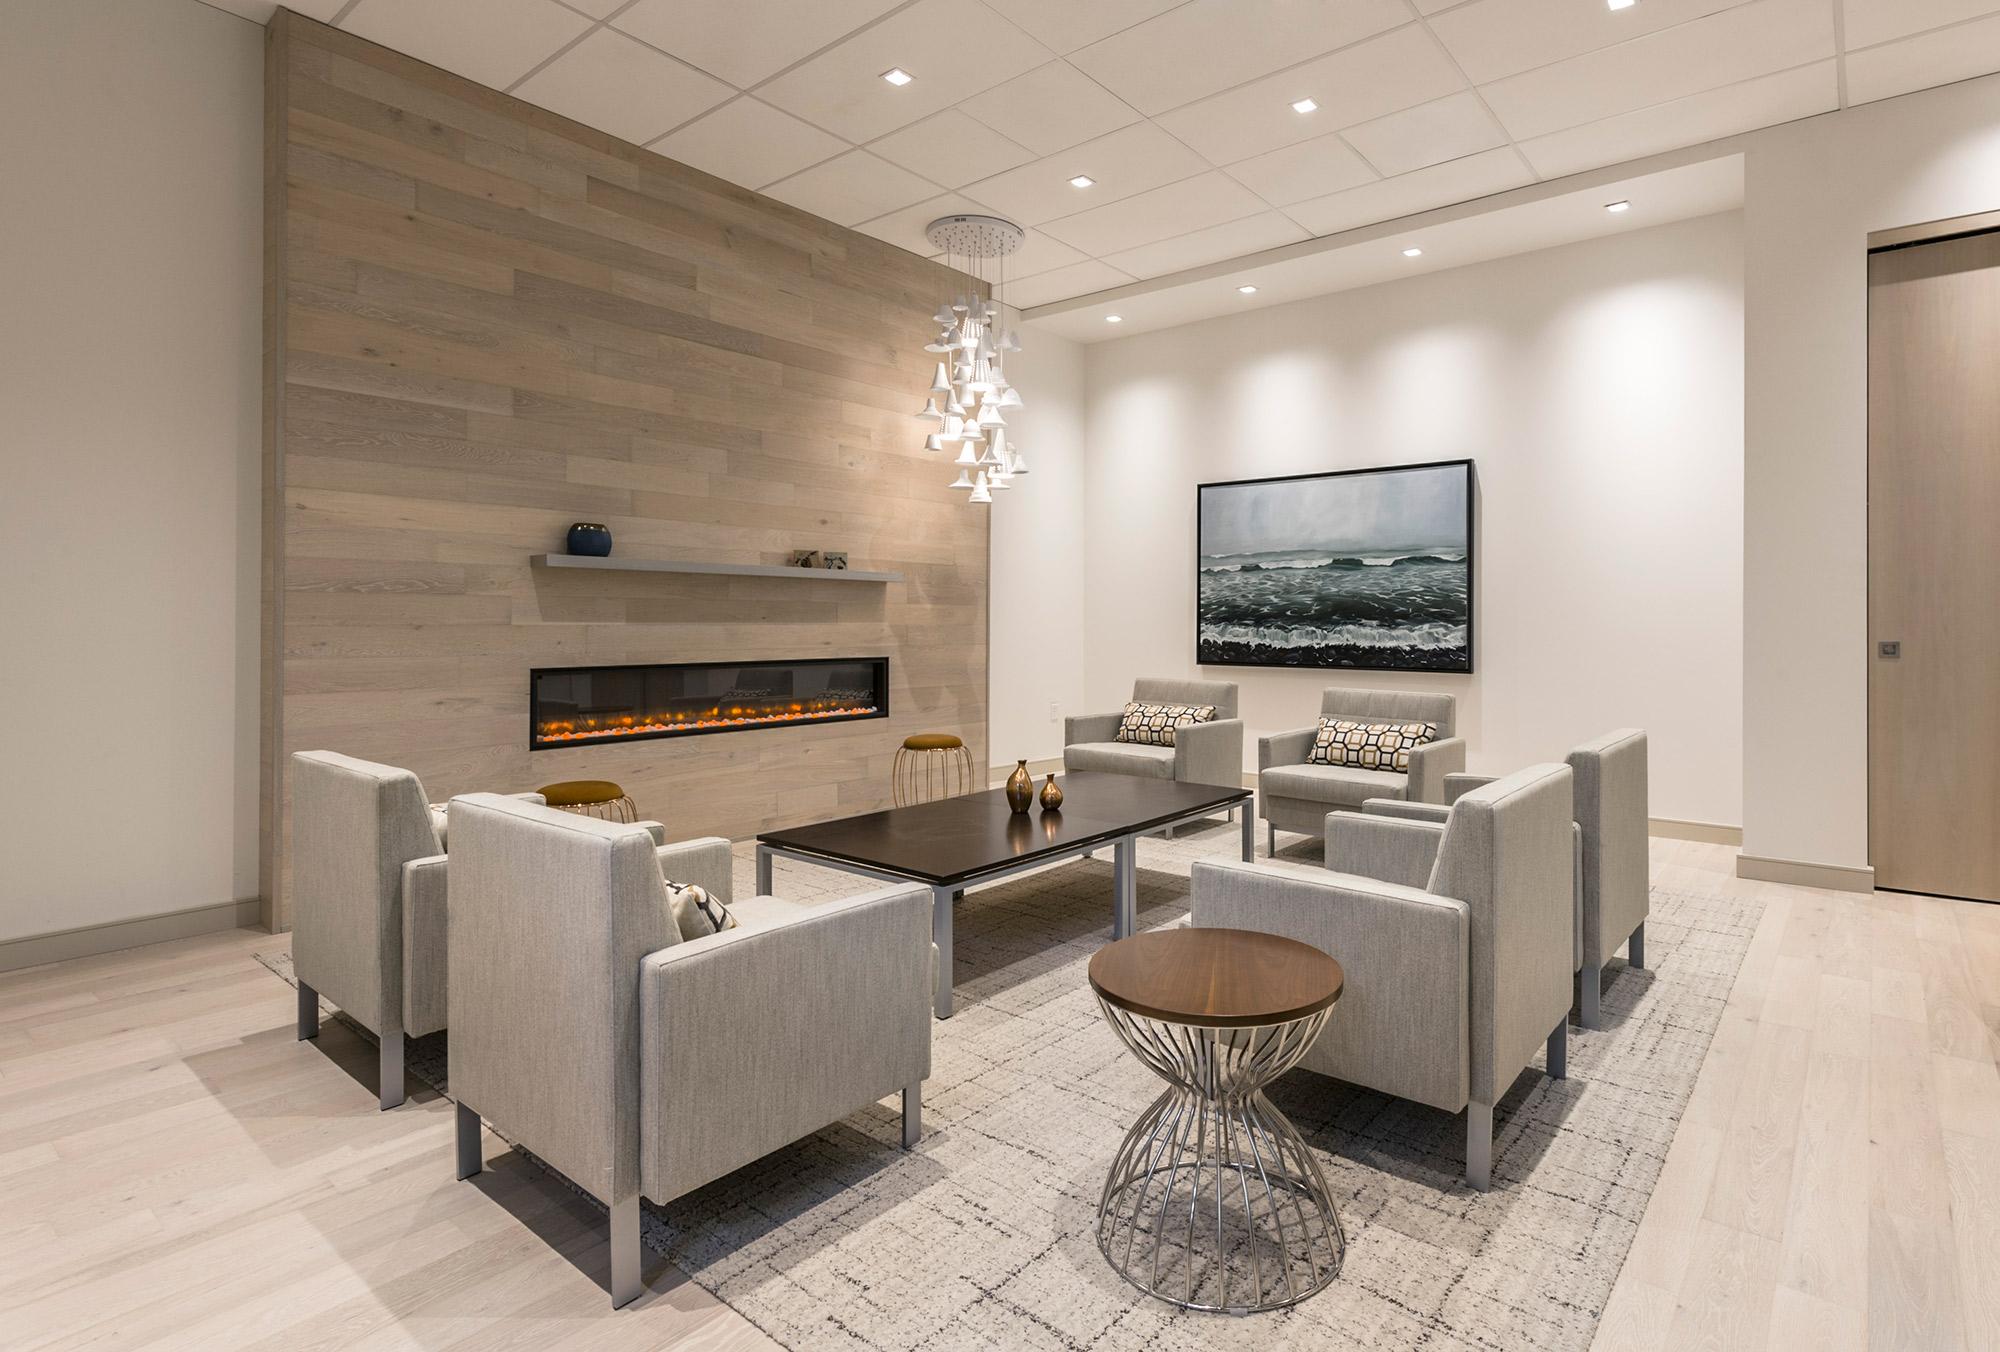 interior-design-legal-office-common-area.jpg